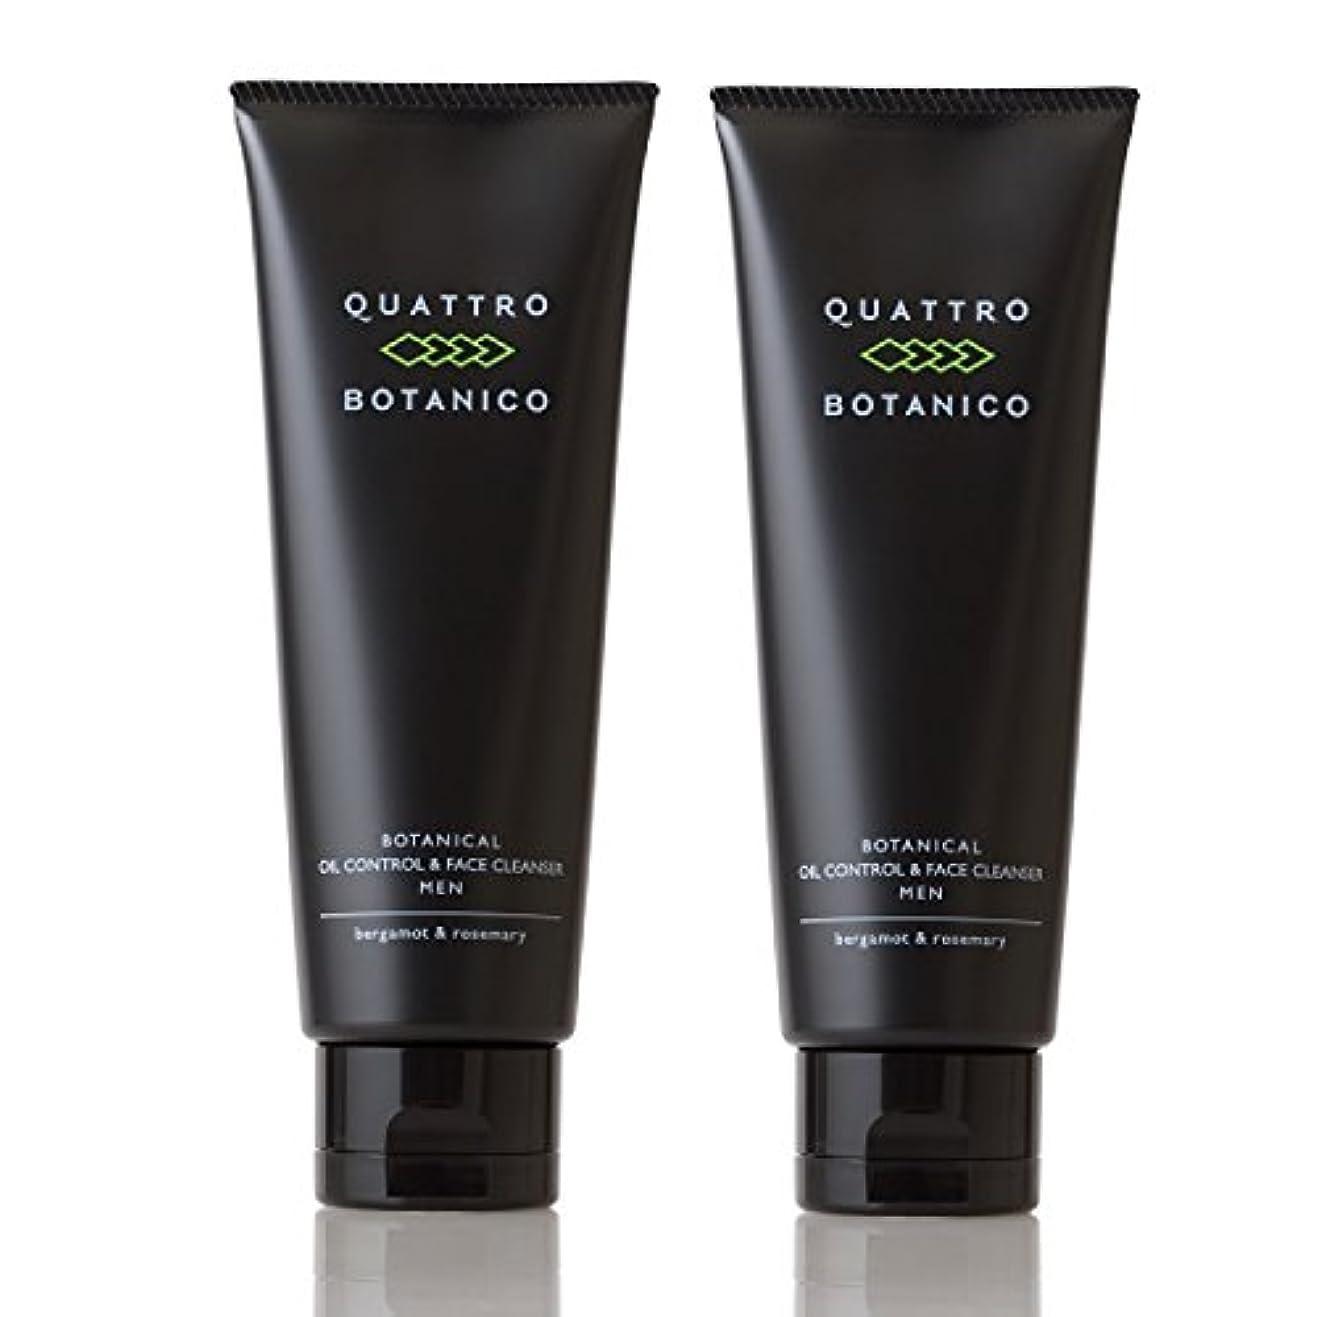 吸収剤眉をひそめる直感クワトロボタニコ (QUATTRO BOTANICO) 【 メンズ 洗顔 】 ボタニカル オイルコントロール & フェイスクレンザー (男性 スキンケア) 《お得な2本セット》 120g × 2本